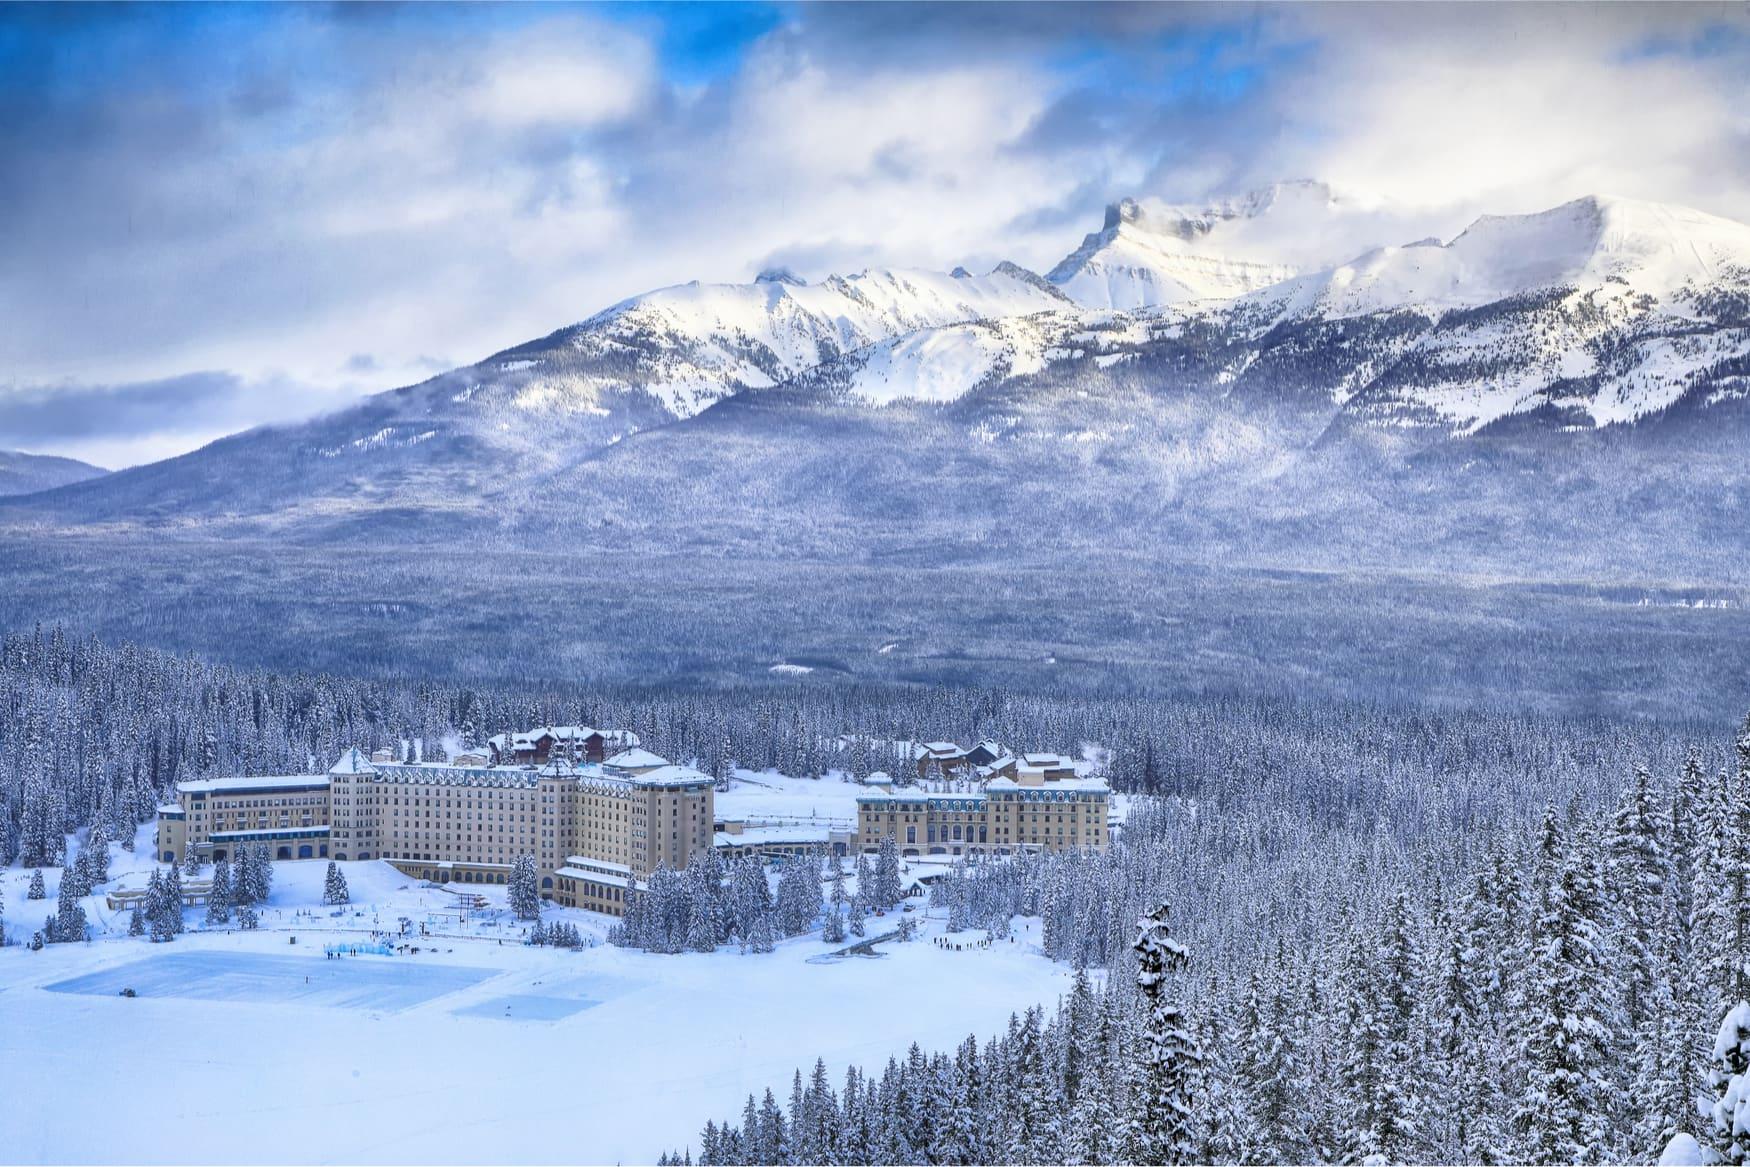 Das Fairmont Chateau Lake Louise umgeben von Bergen im Winter